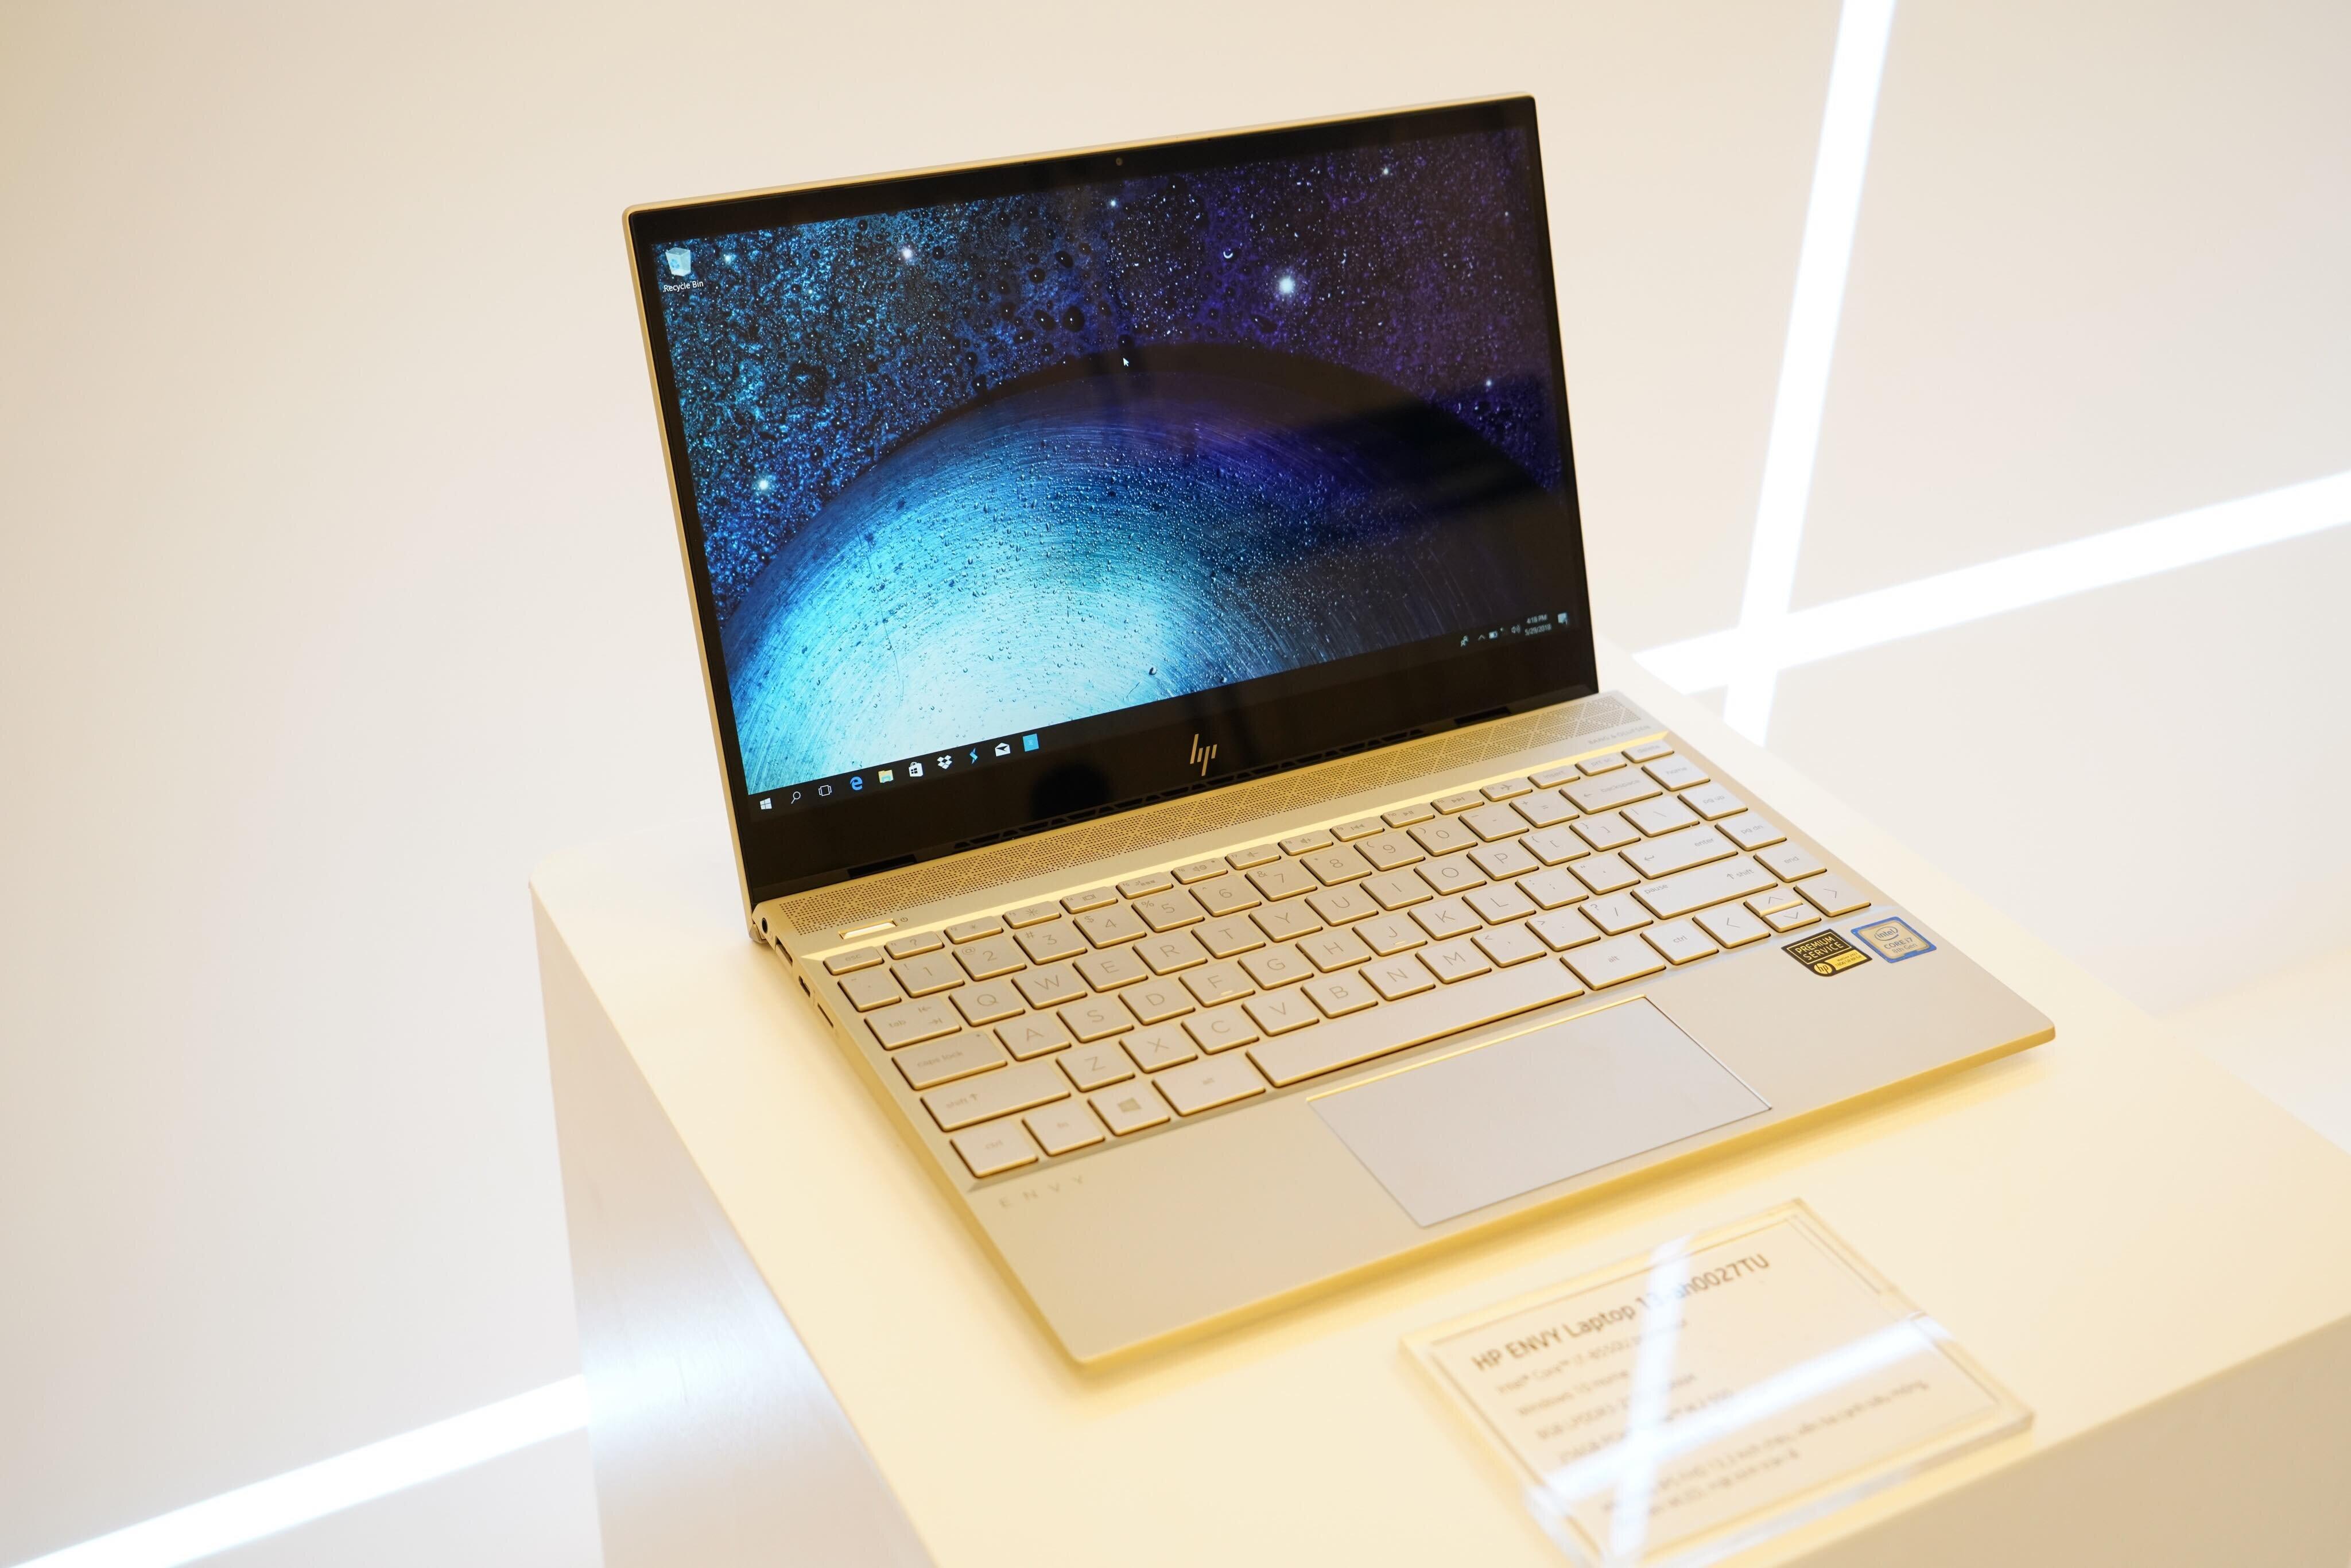 Bàn phím máy HP Envy 13-AH1011TU 5HZ28PA được thiết kế thân thiện với người dùng